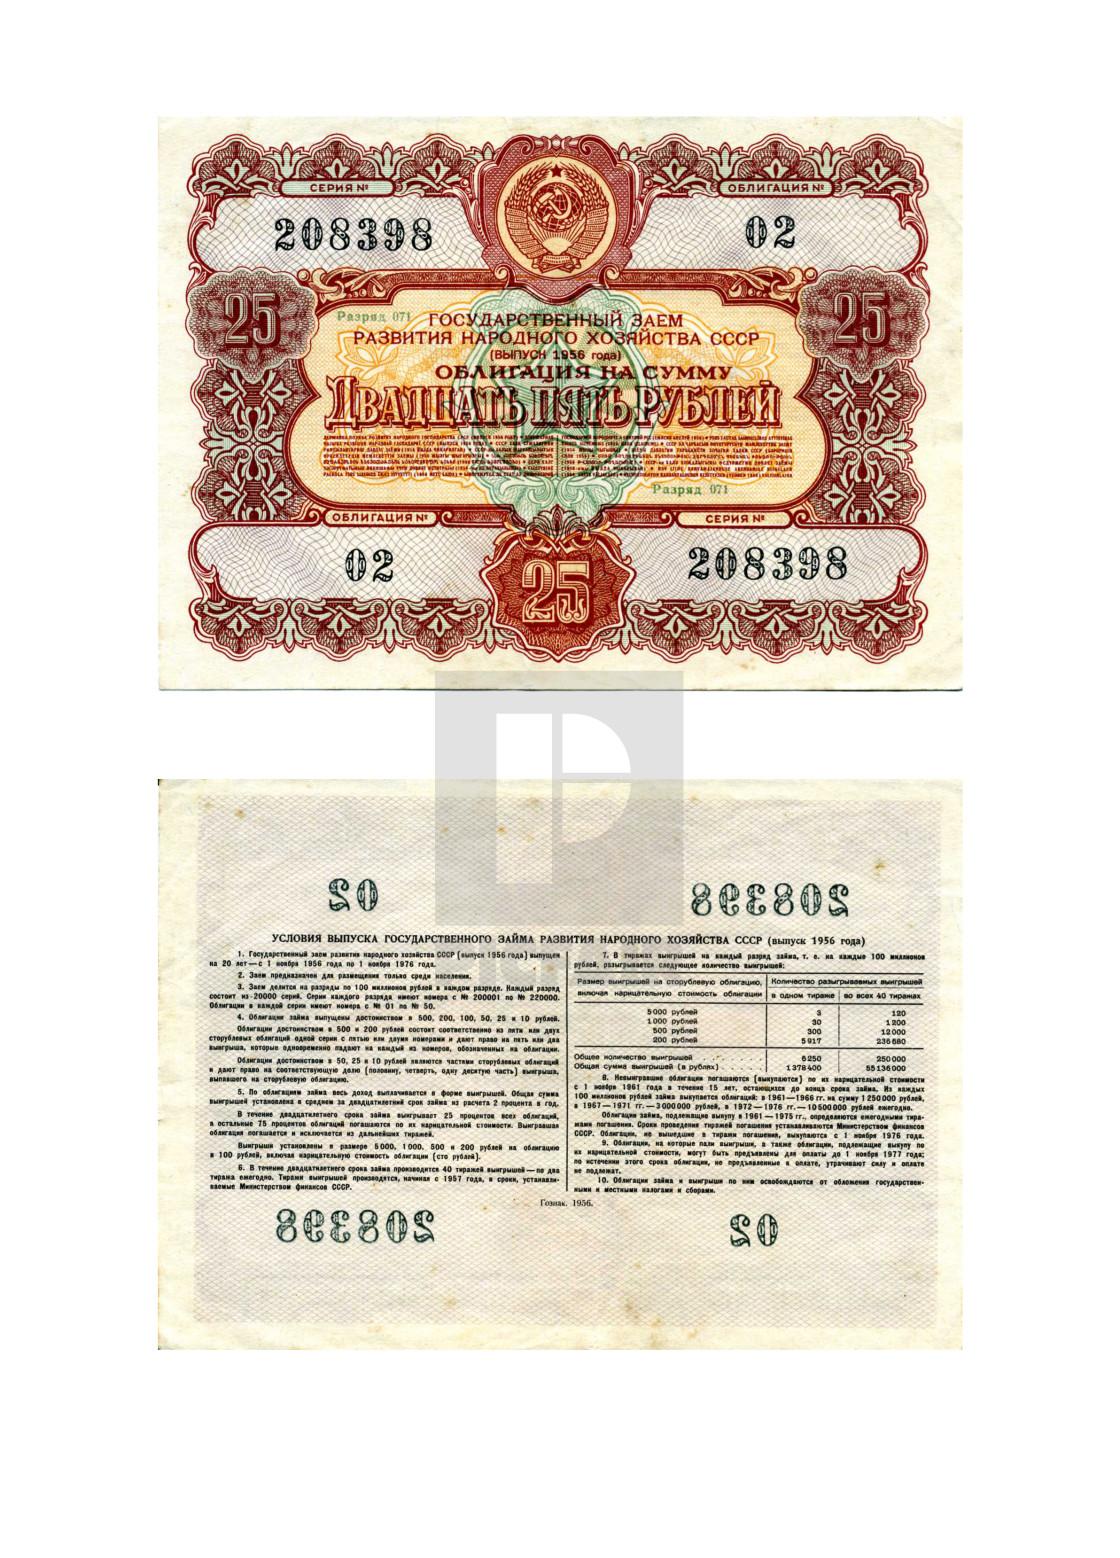 поменять займы 1982г можно в москве 2021г